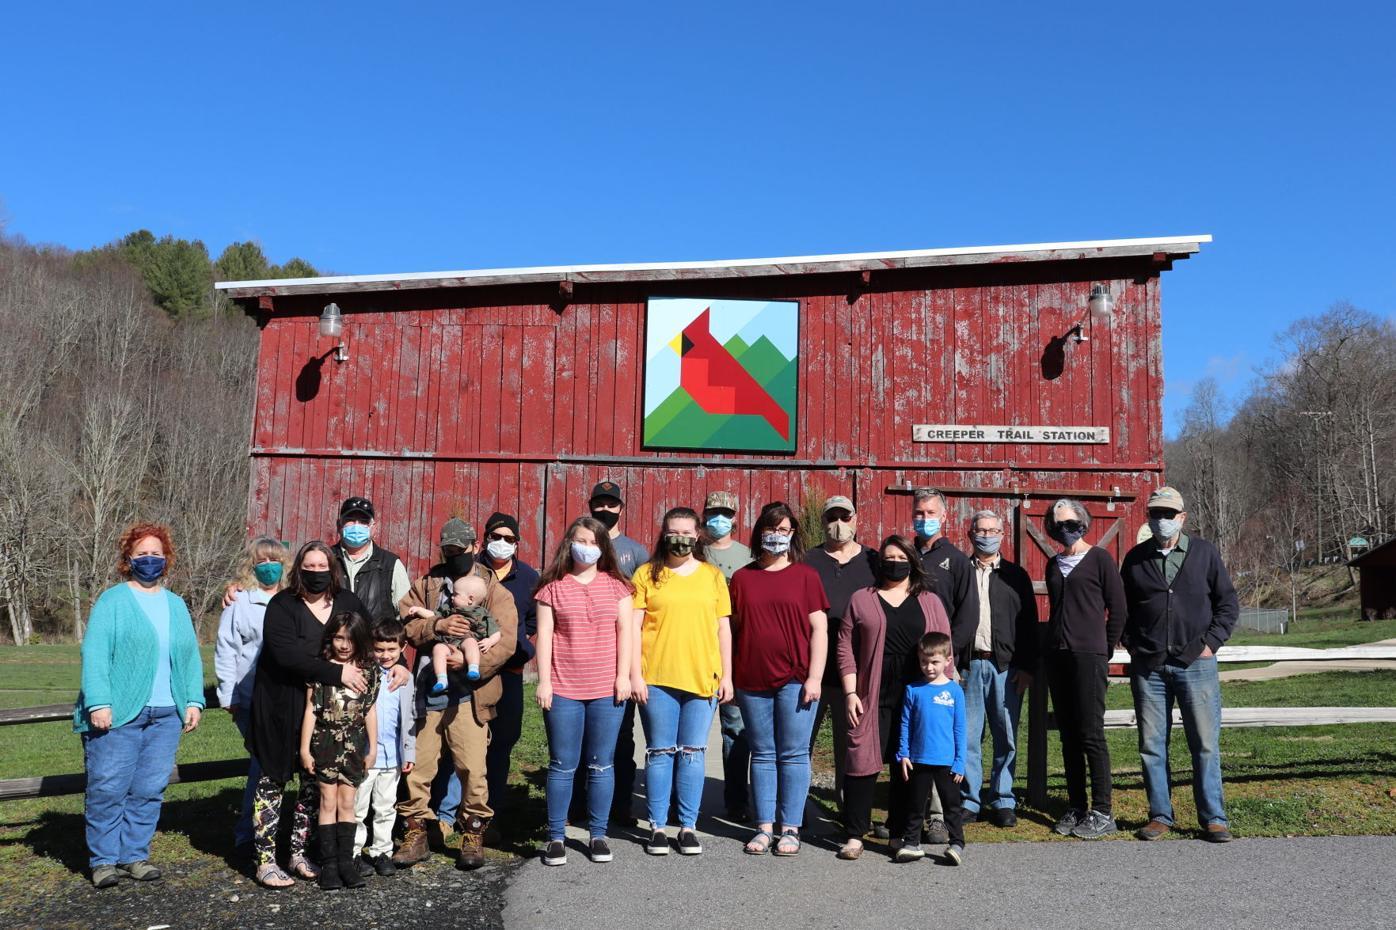 Lansing creeper trail park barn quilt